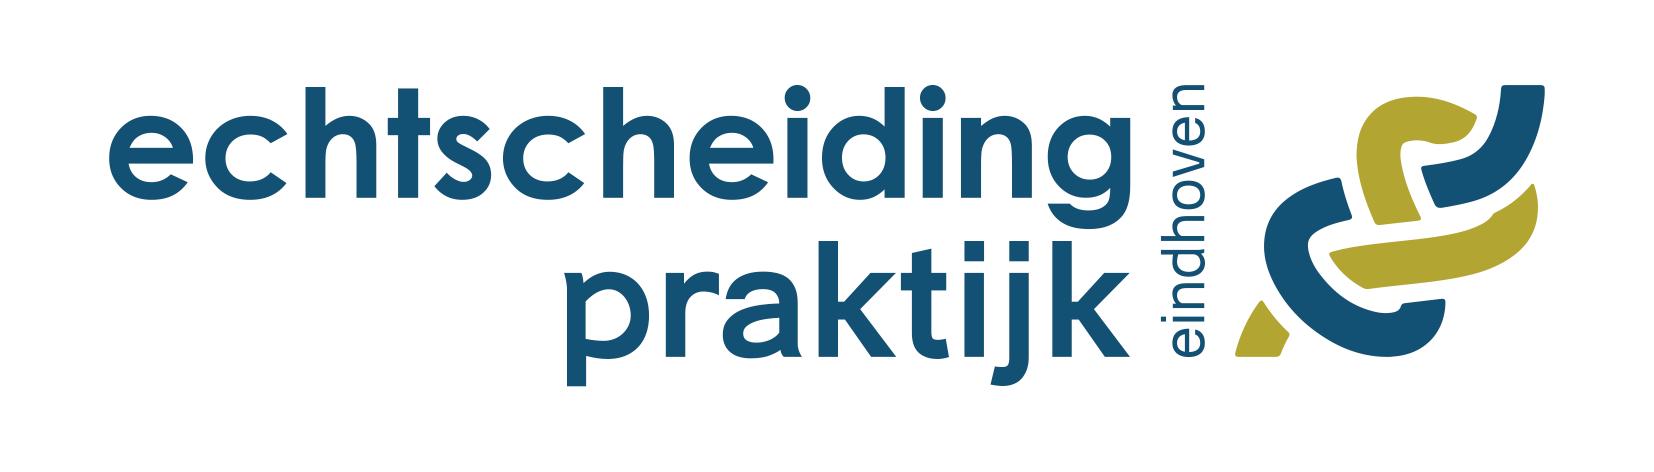 Echtscheiding praktijk Eindhoven